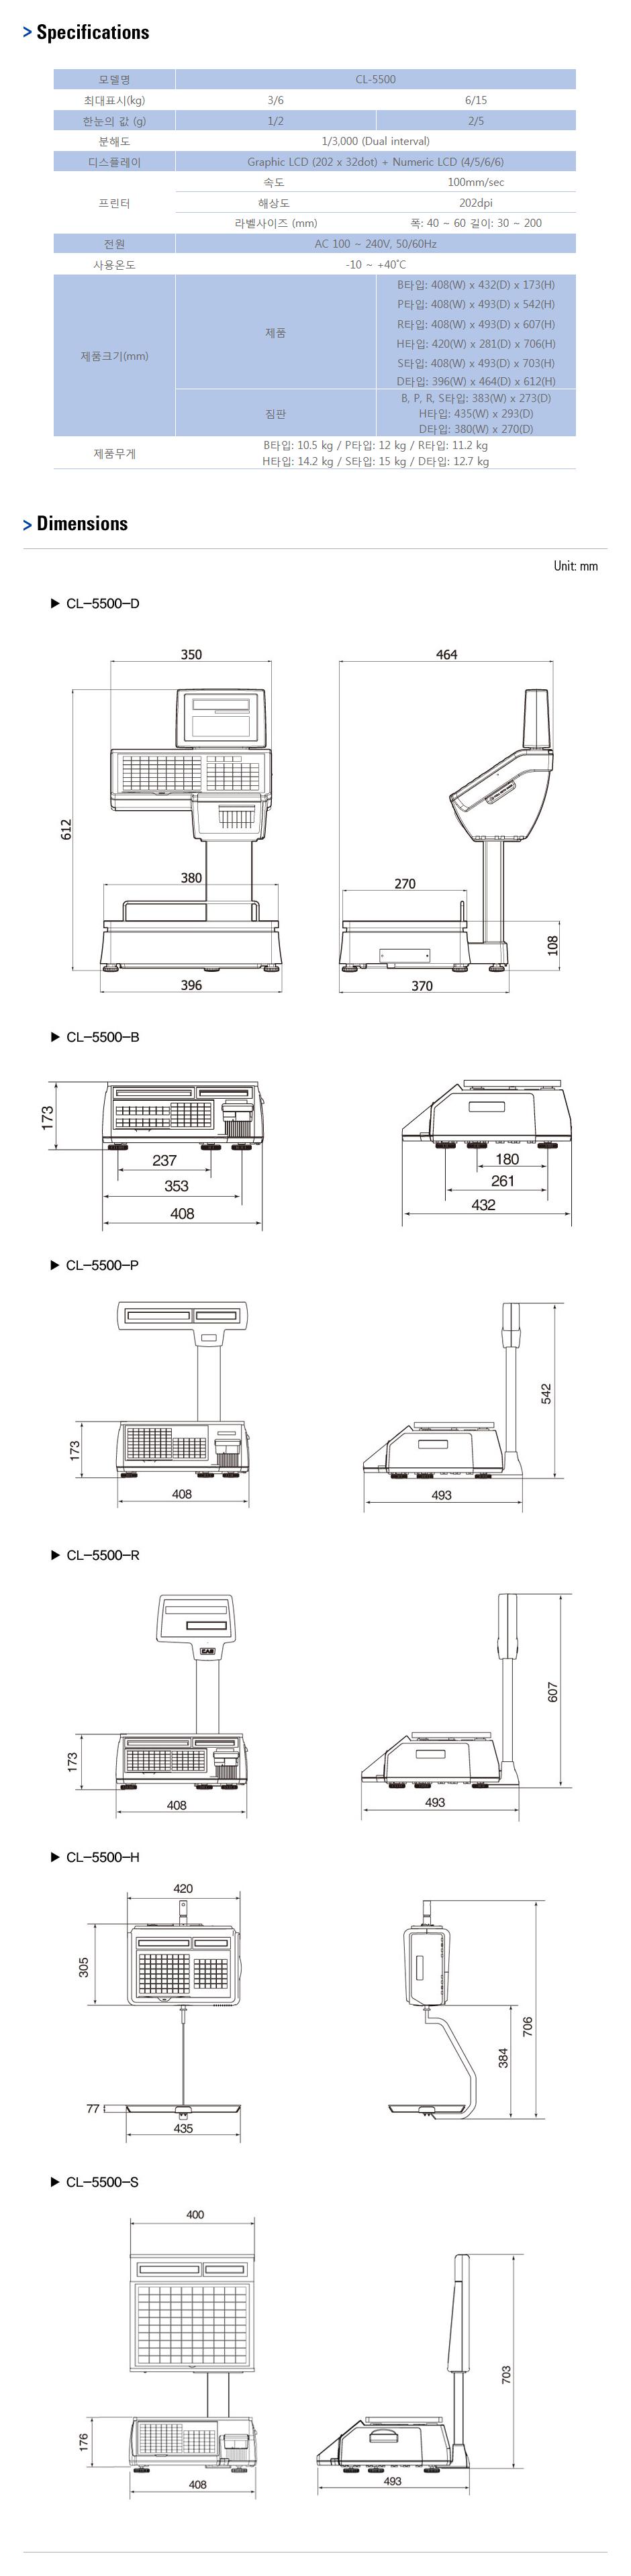 카스 라벨프린트 저울 (쇠고기 이력추적시스템) CL-5500 4